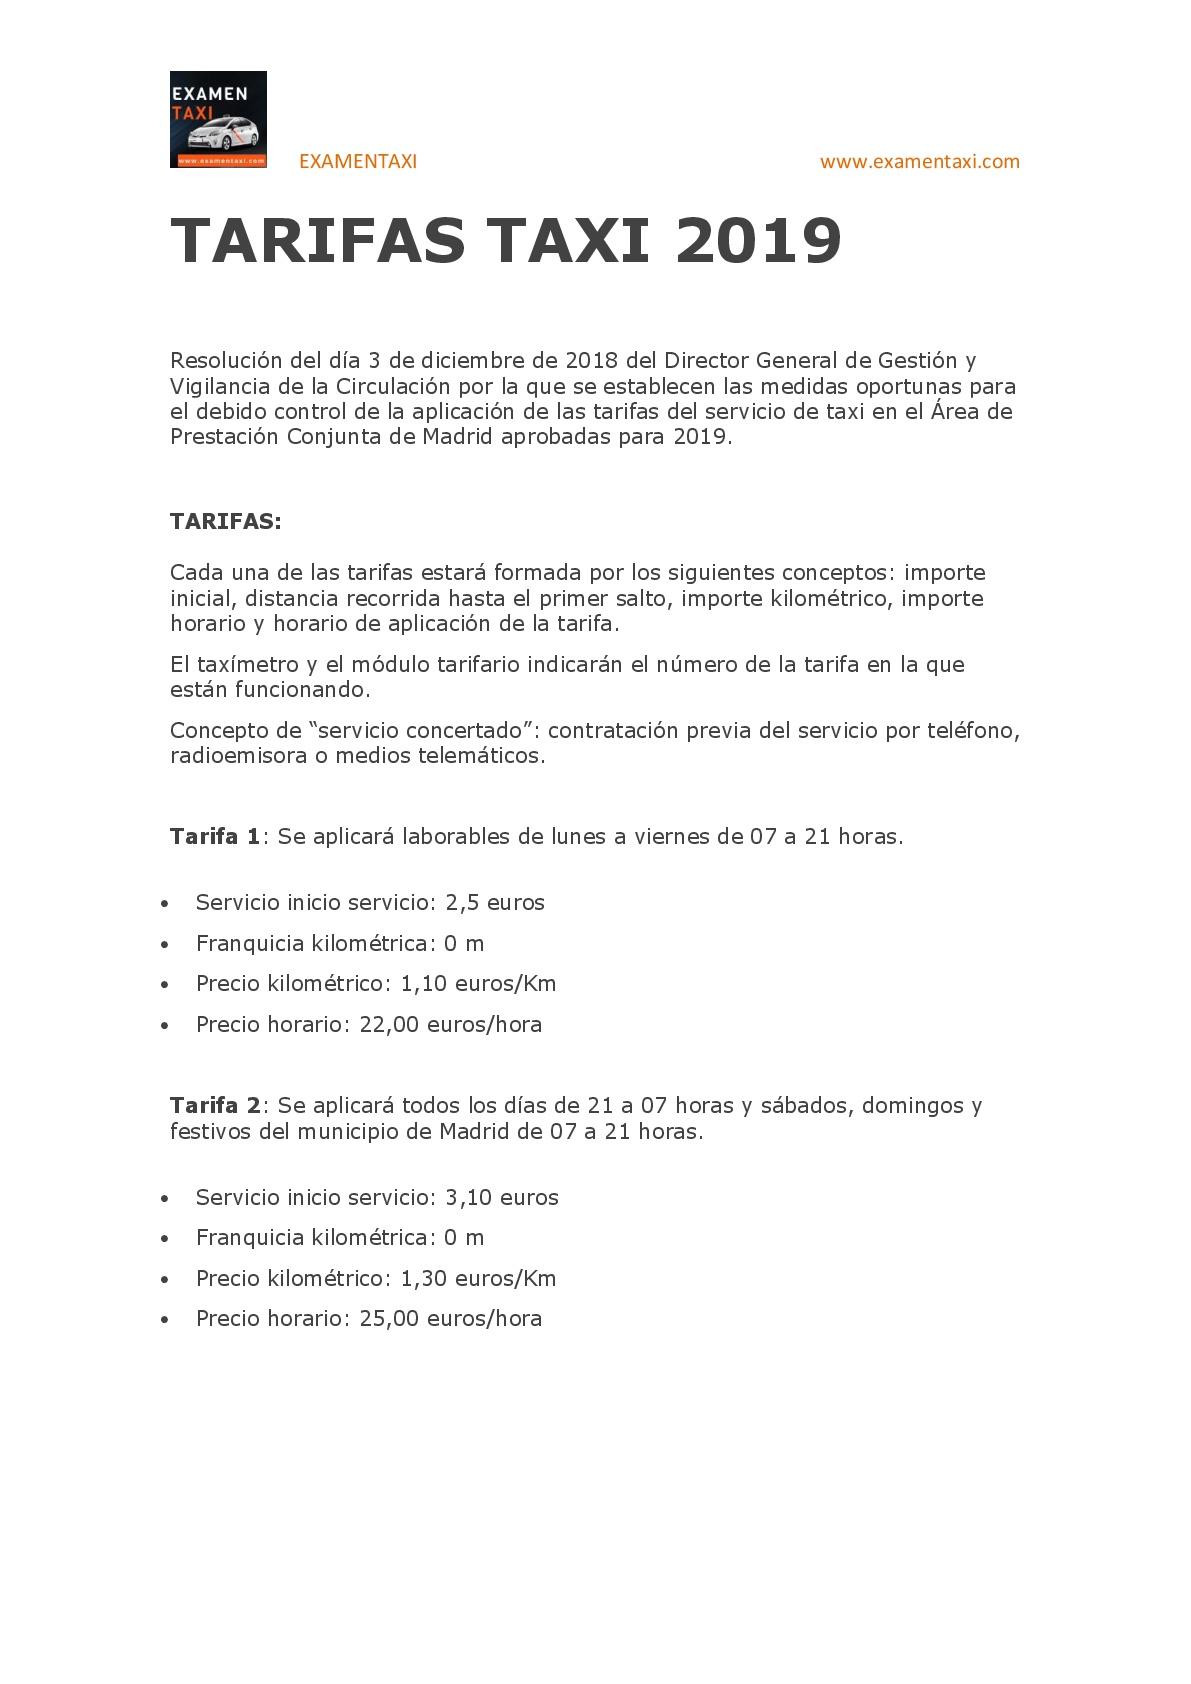 Tarifas-Taxi-2019-001